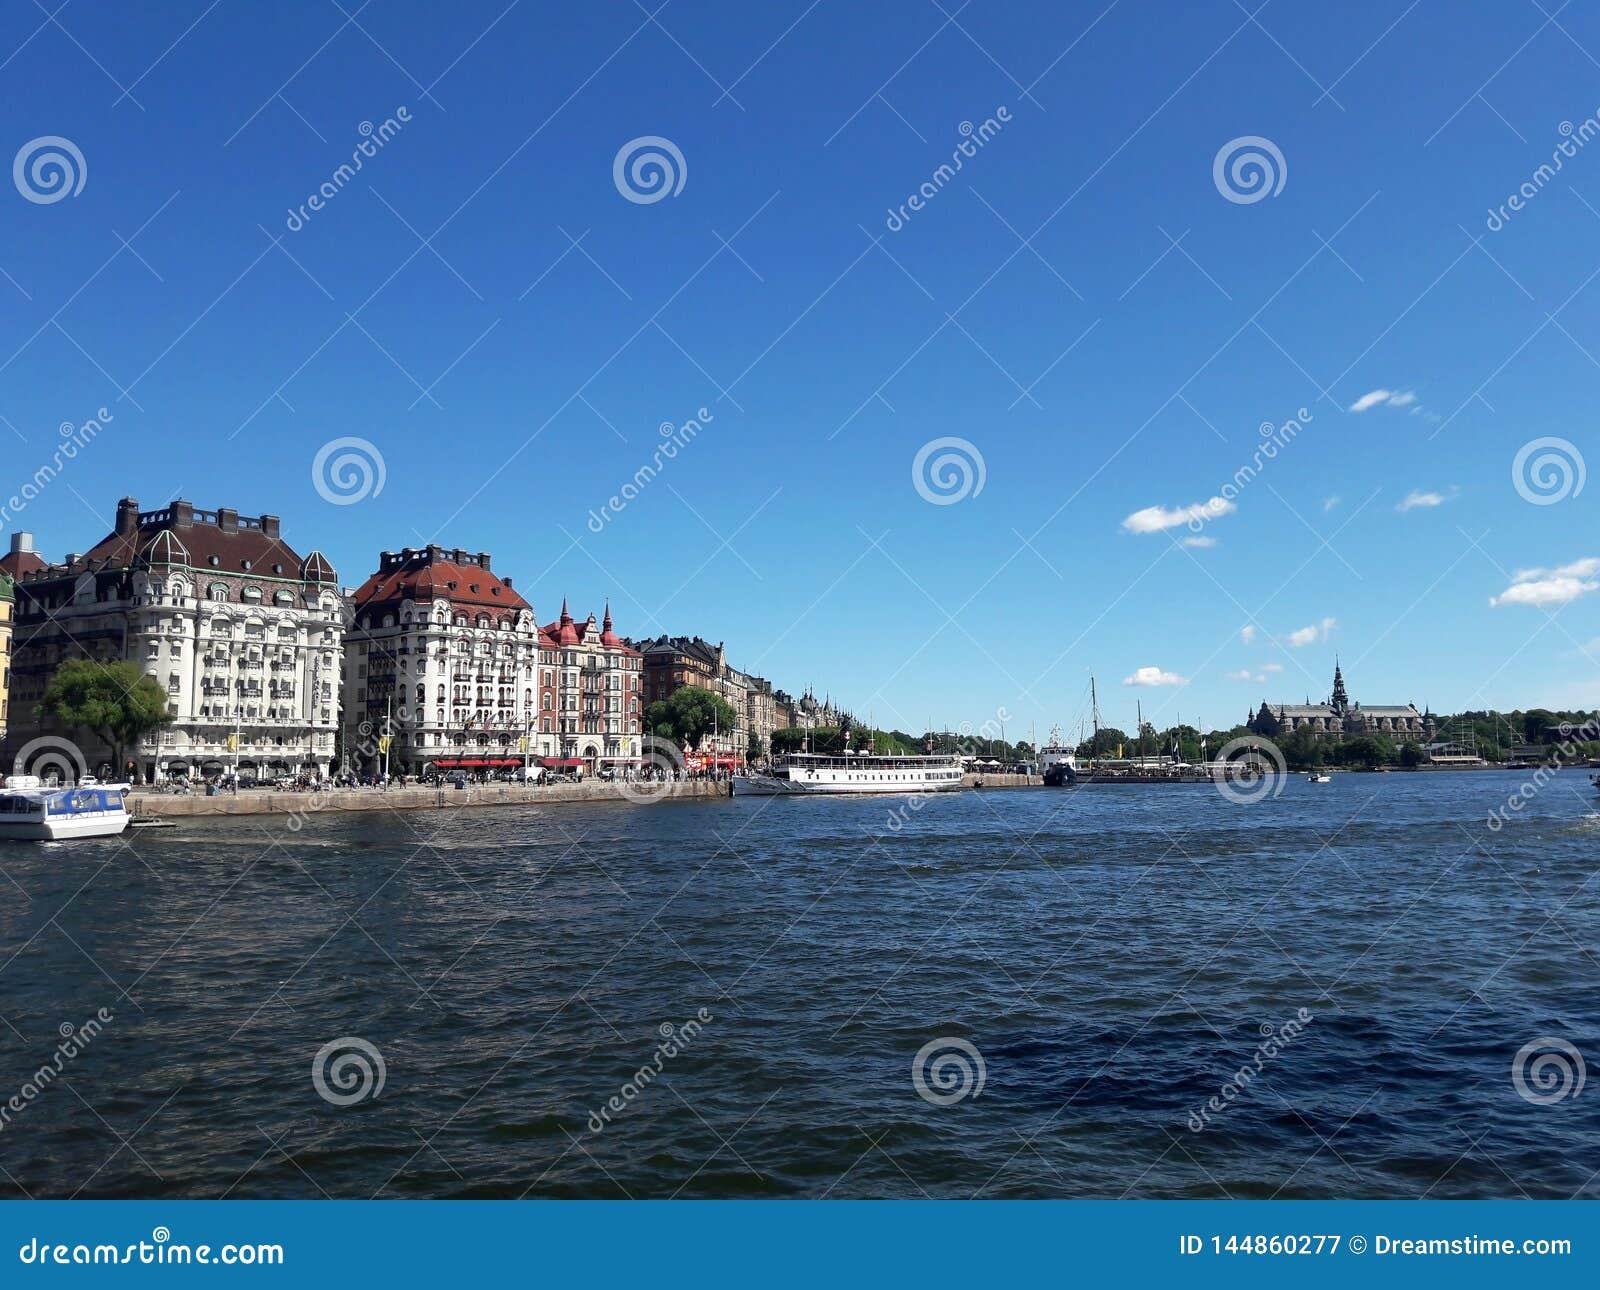 Beau centre de lac stockholm, rivi?re ?t?